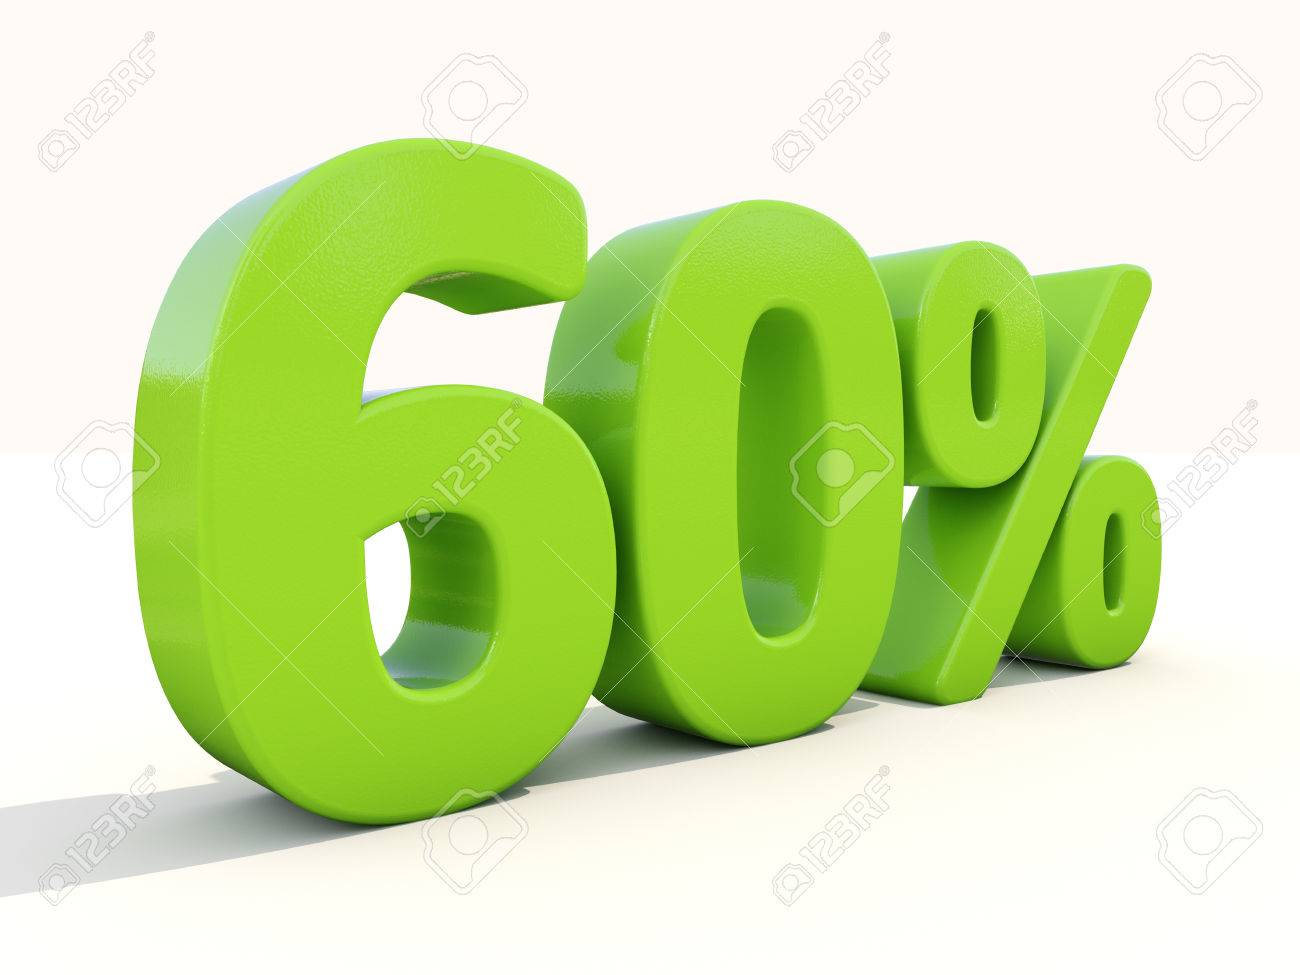 Sixty percent off. Discount 60%. 3D illustration. - 26102602